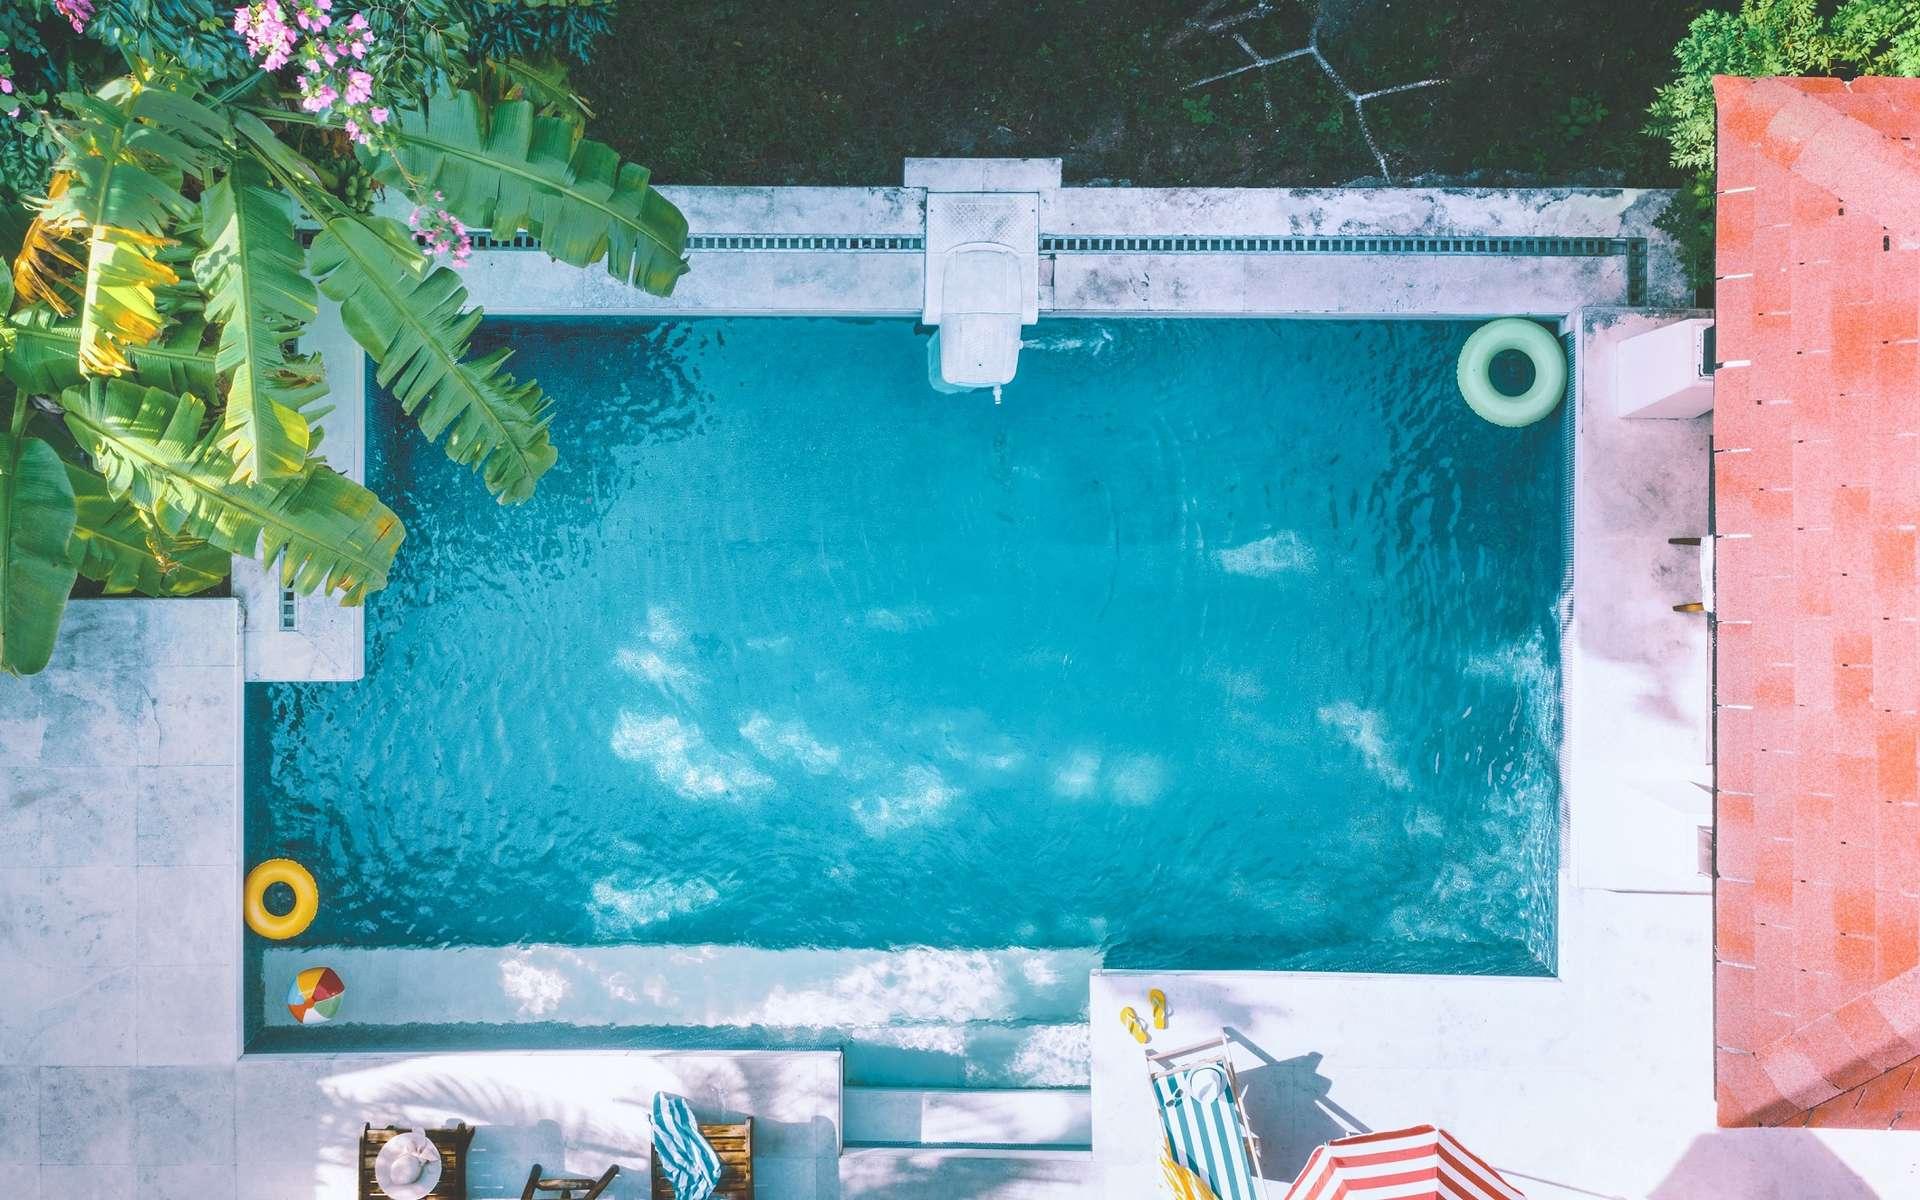 Automatisé, l'entretien de la piscine est d'une grande simplicité grâce aux applications dédiées pour smartphone et tablette. Moins de contraintes pour plus de plaisirs. © lily, Adobe Stock